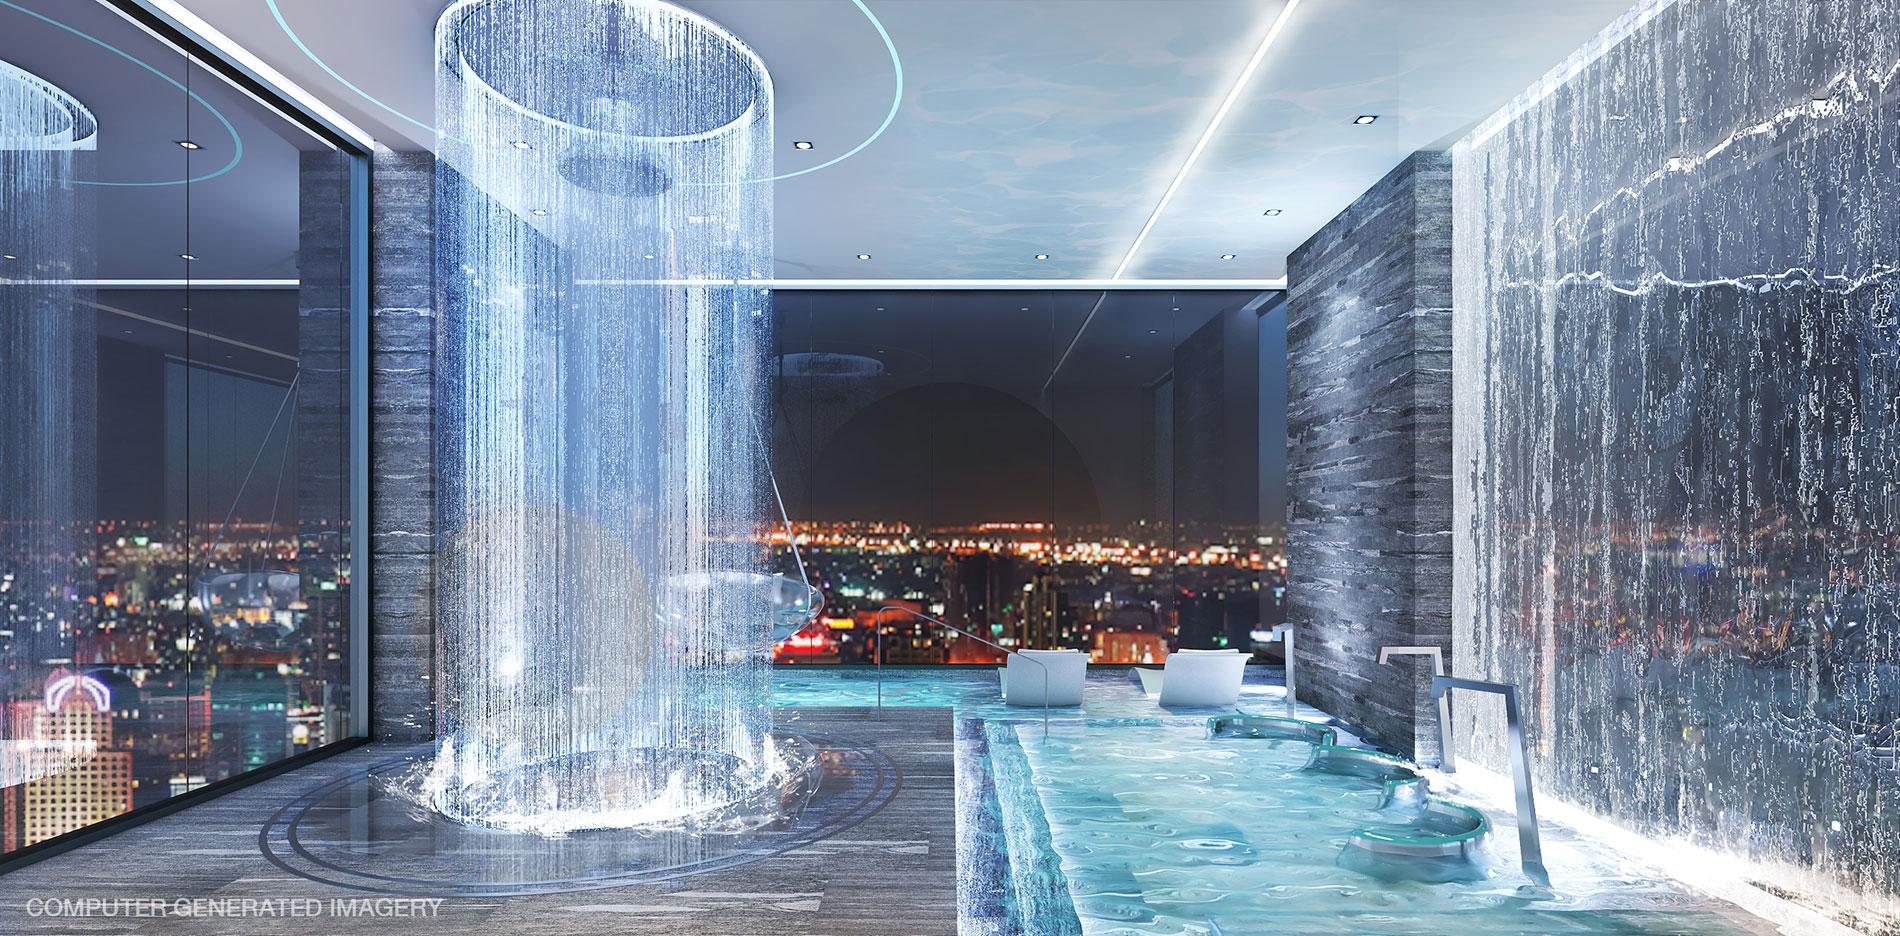 Building C: Aqua Lounge ให้คุณผ่อนคลาย ท่ามกลางสายน้ำ ที่ปรับอุณหภูมิให้เหมาะกับร่างกายของคุณ